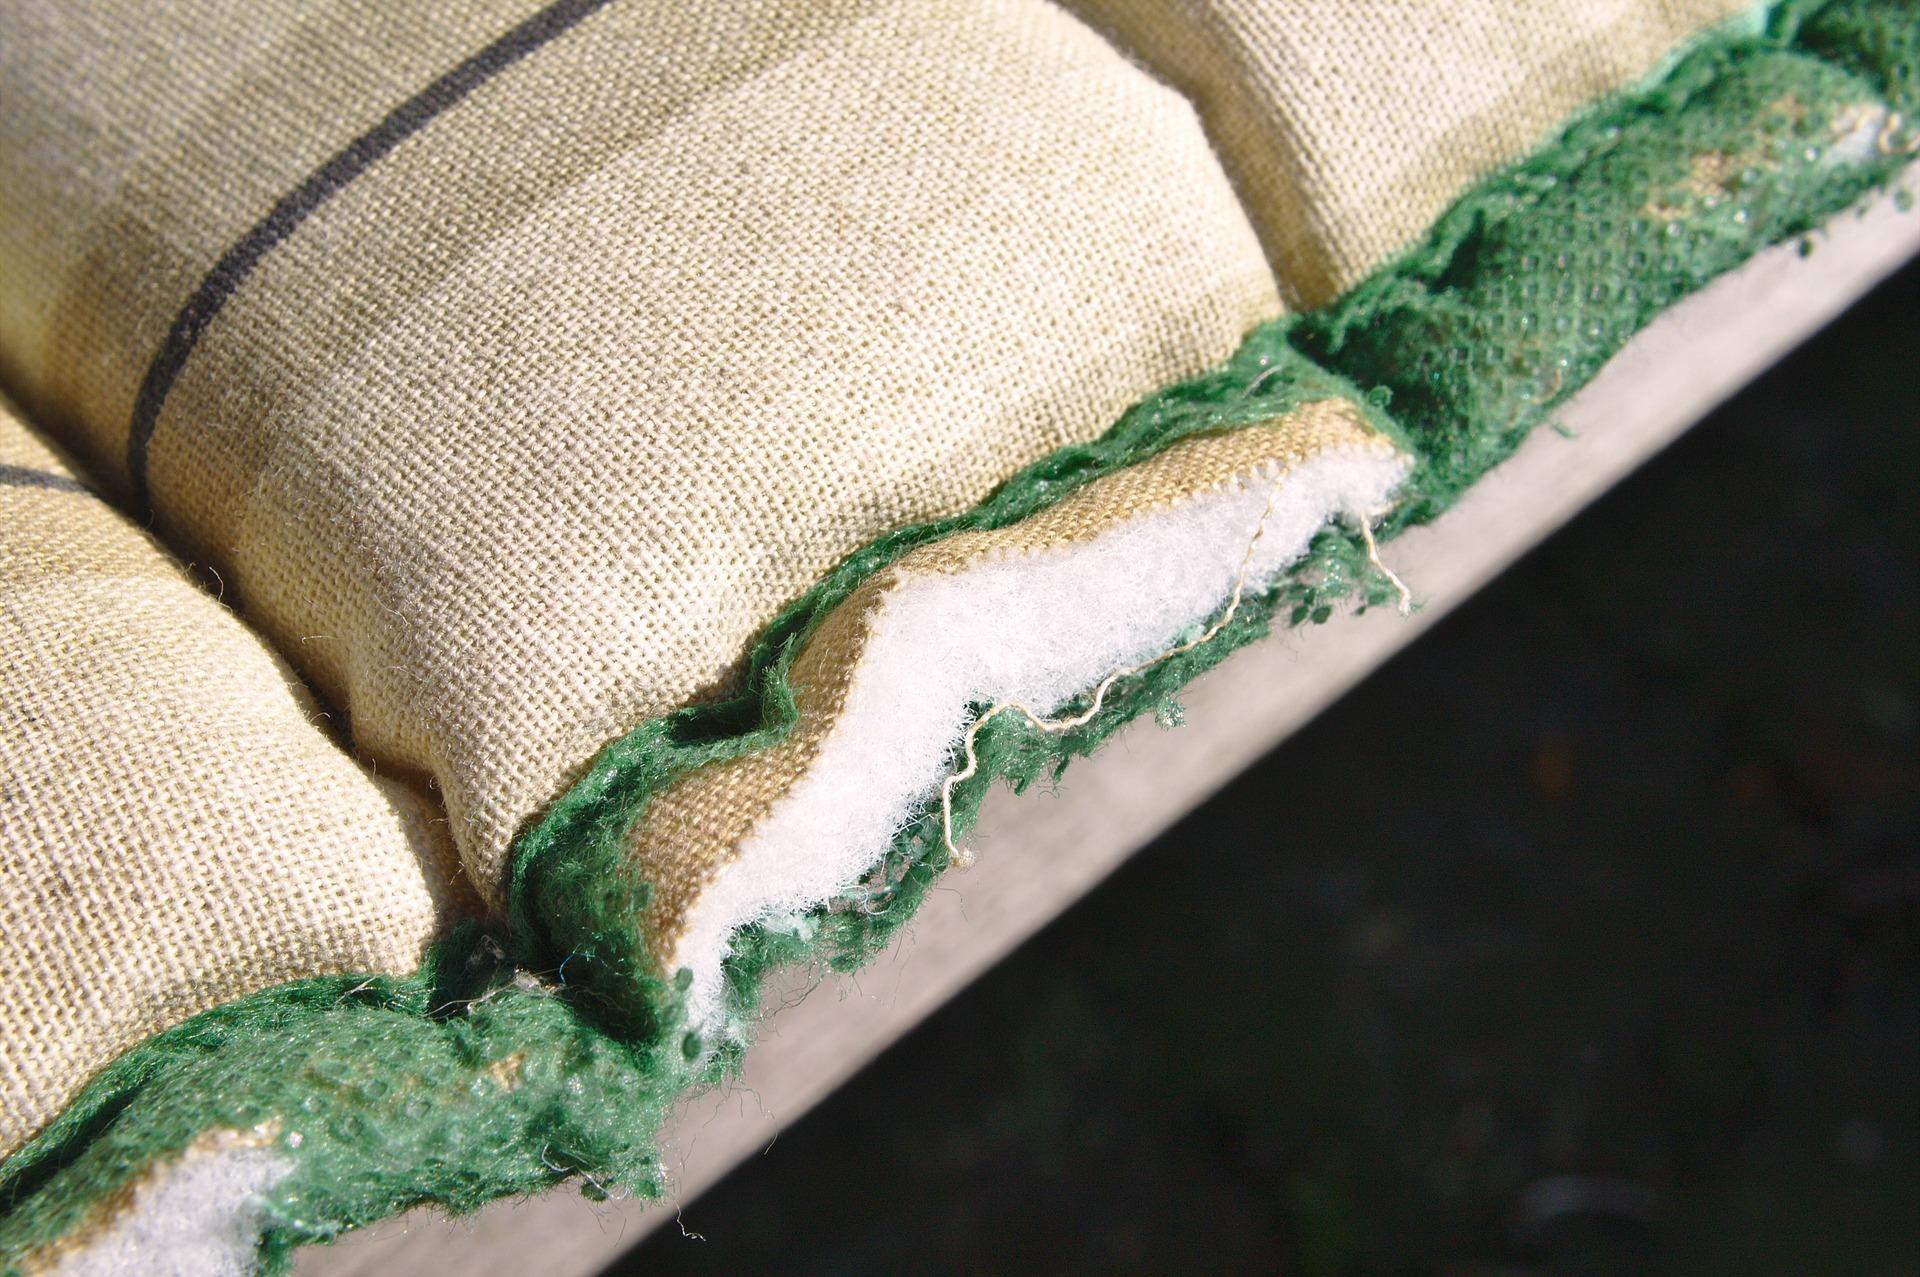 Jak se starat o matraci? 7 praktických tipů, jak na to!